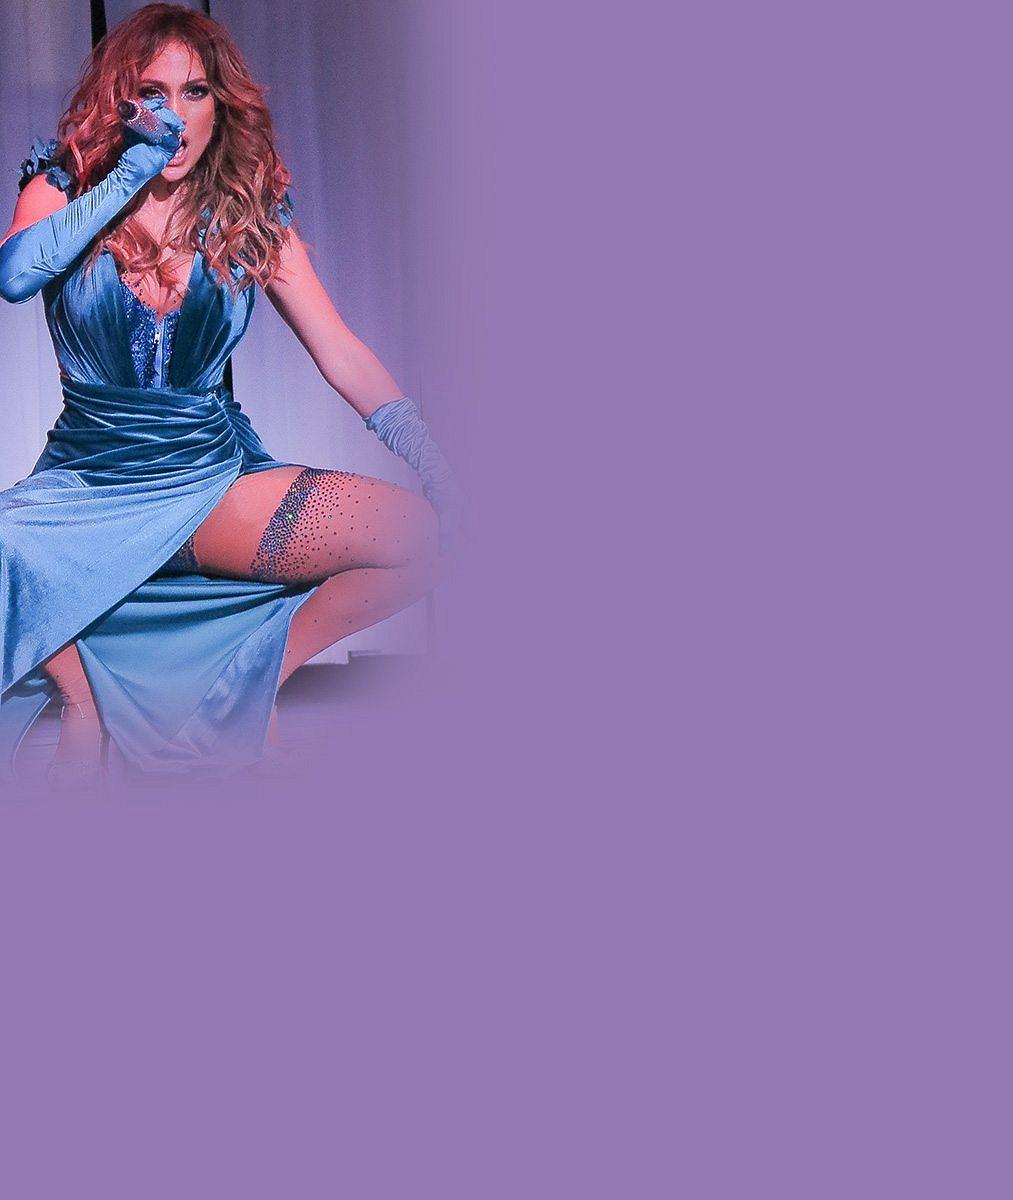 Jennifer Lopez (46) předvedla na koncertě stojku na hlavě ve spodním prádle